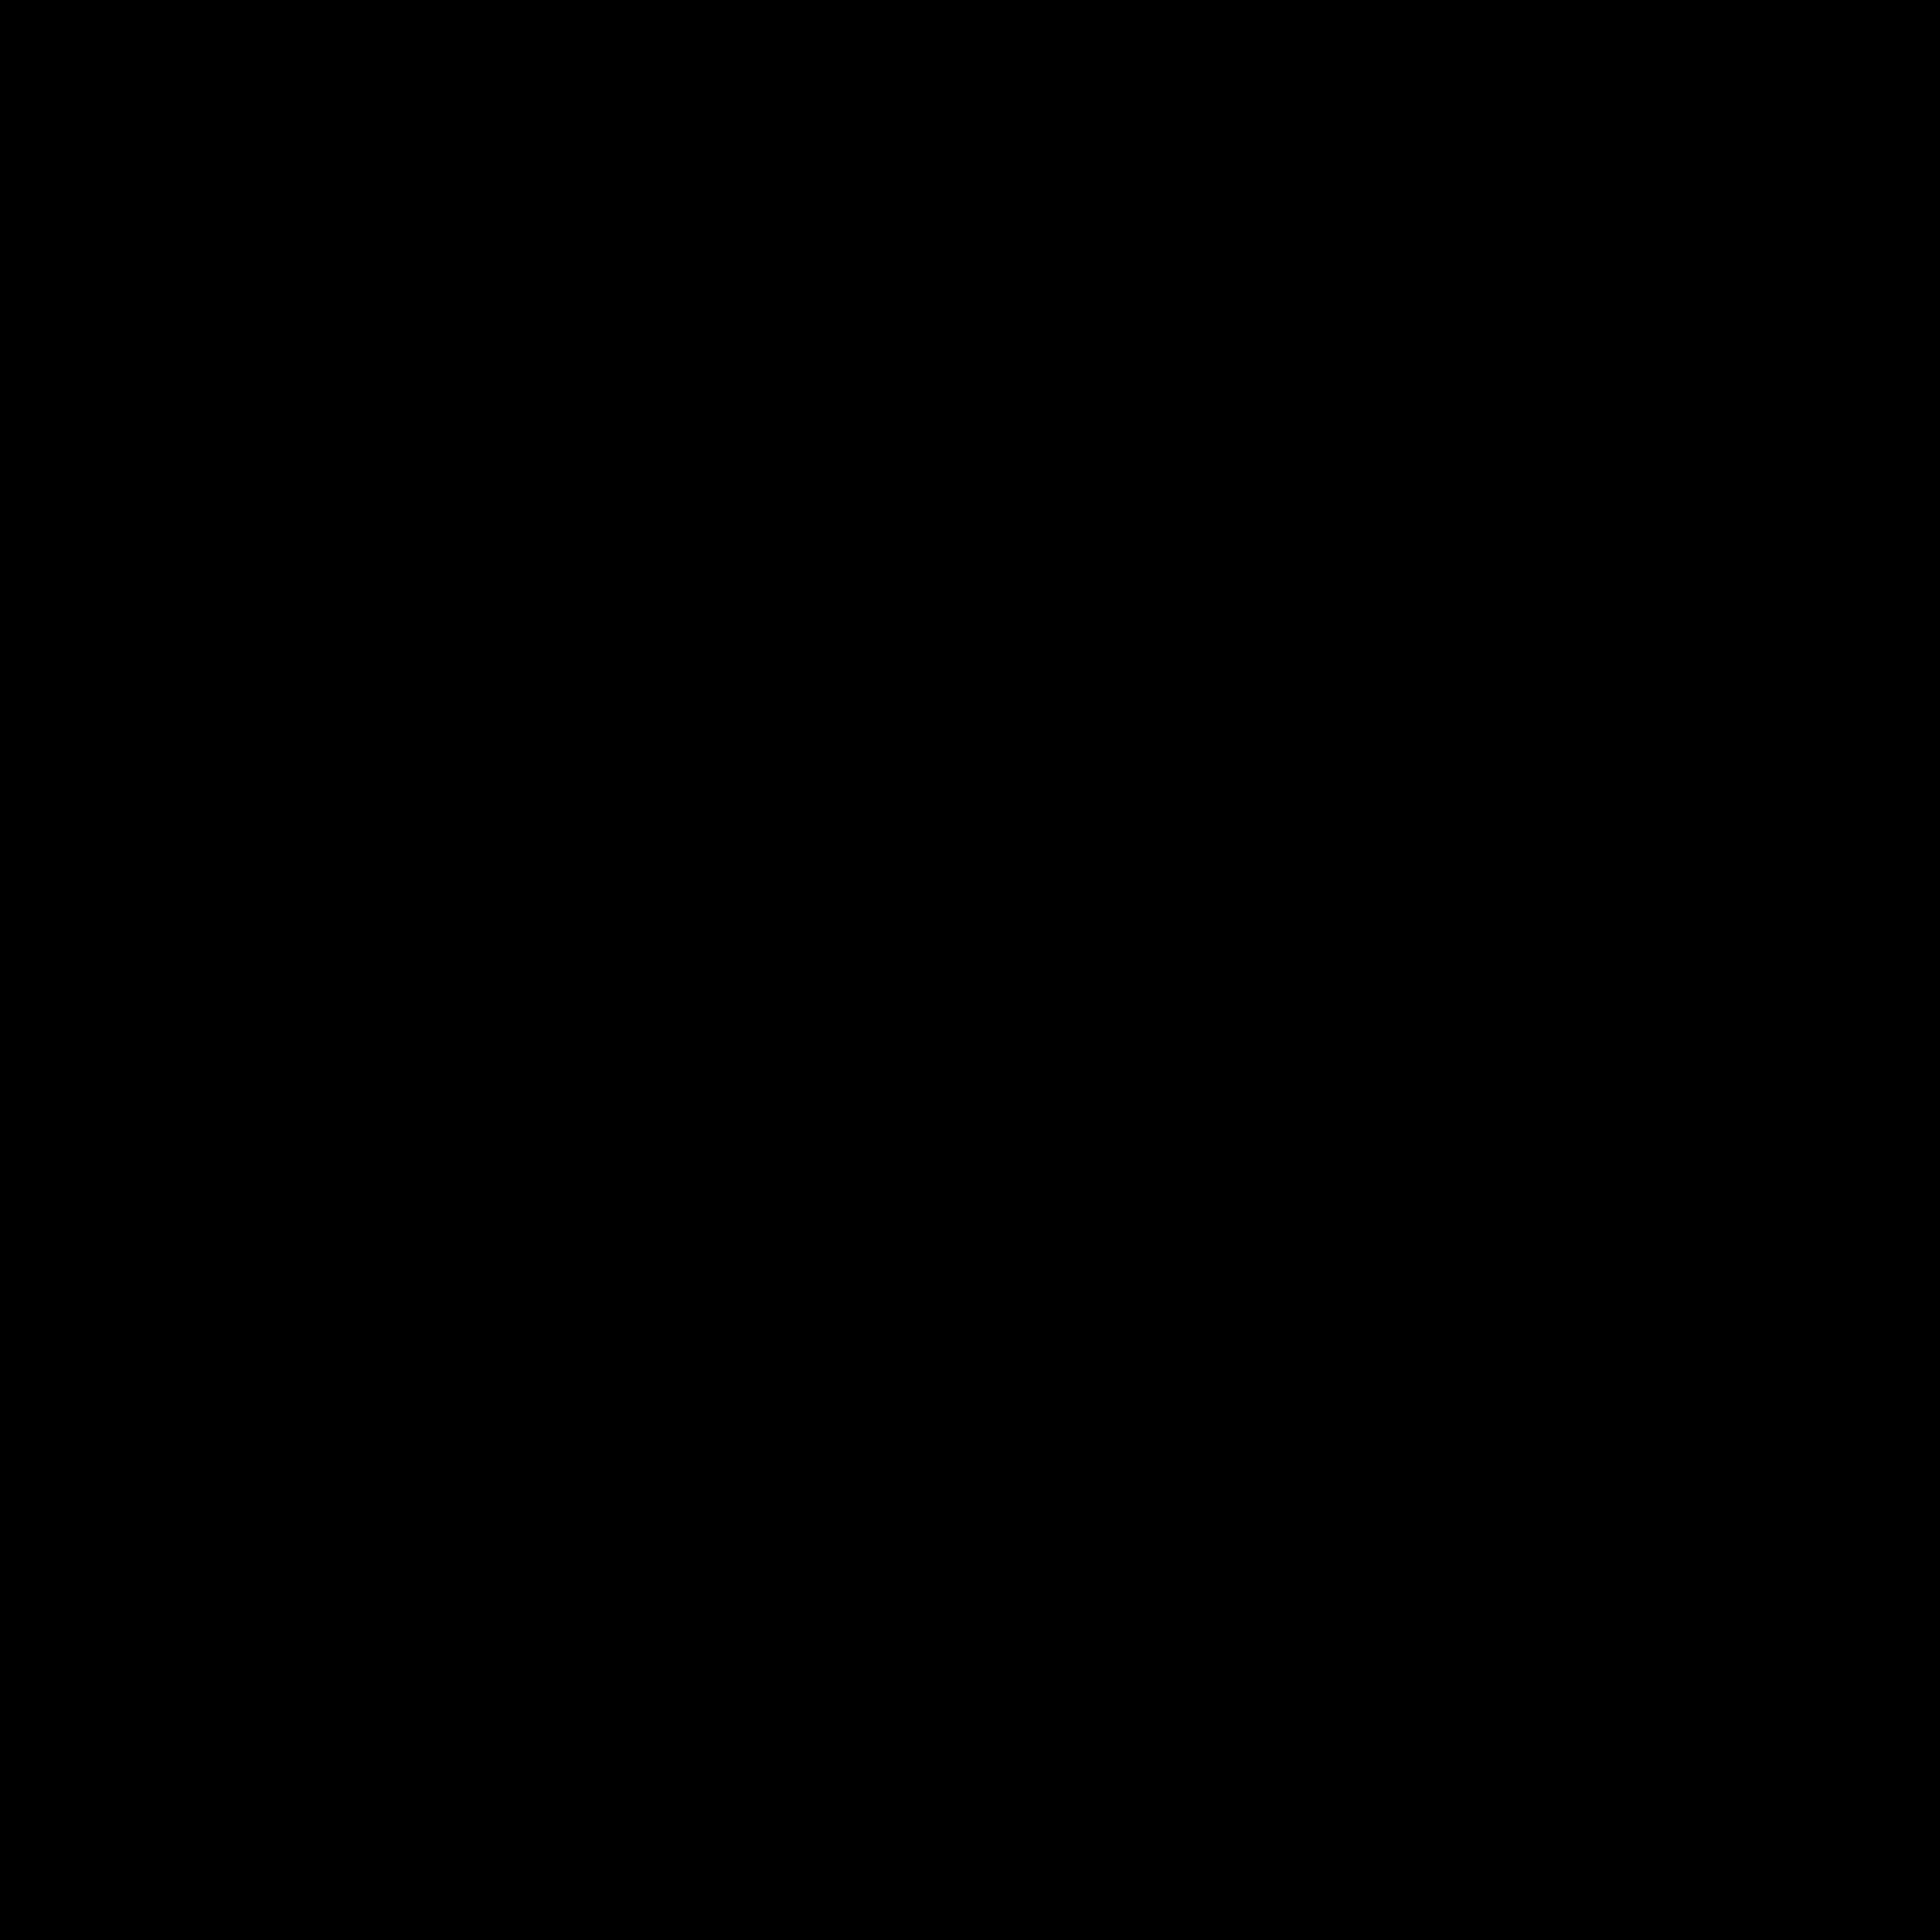 Точка PNG